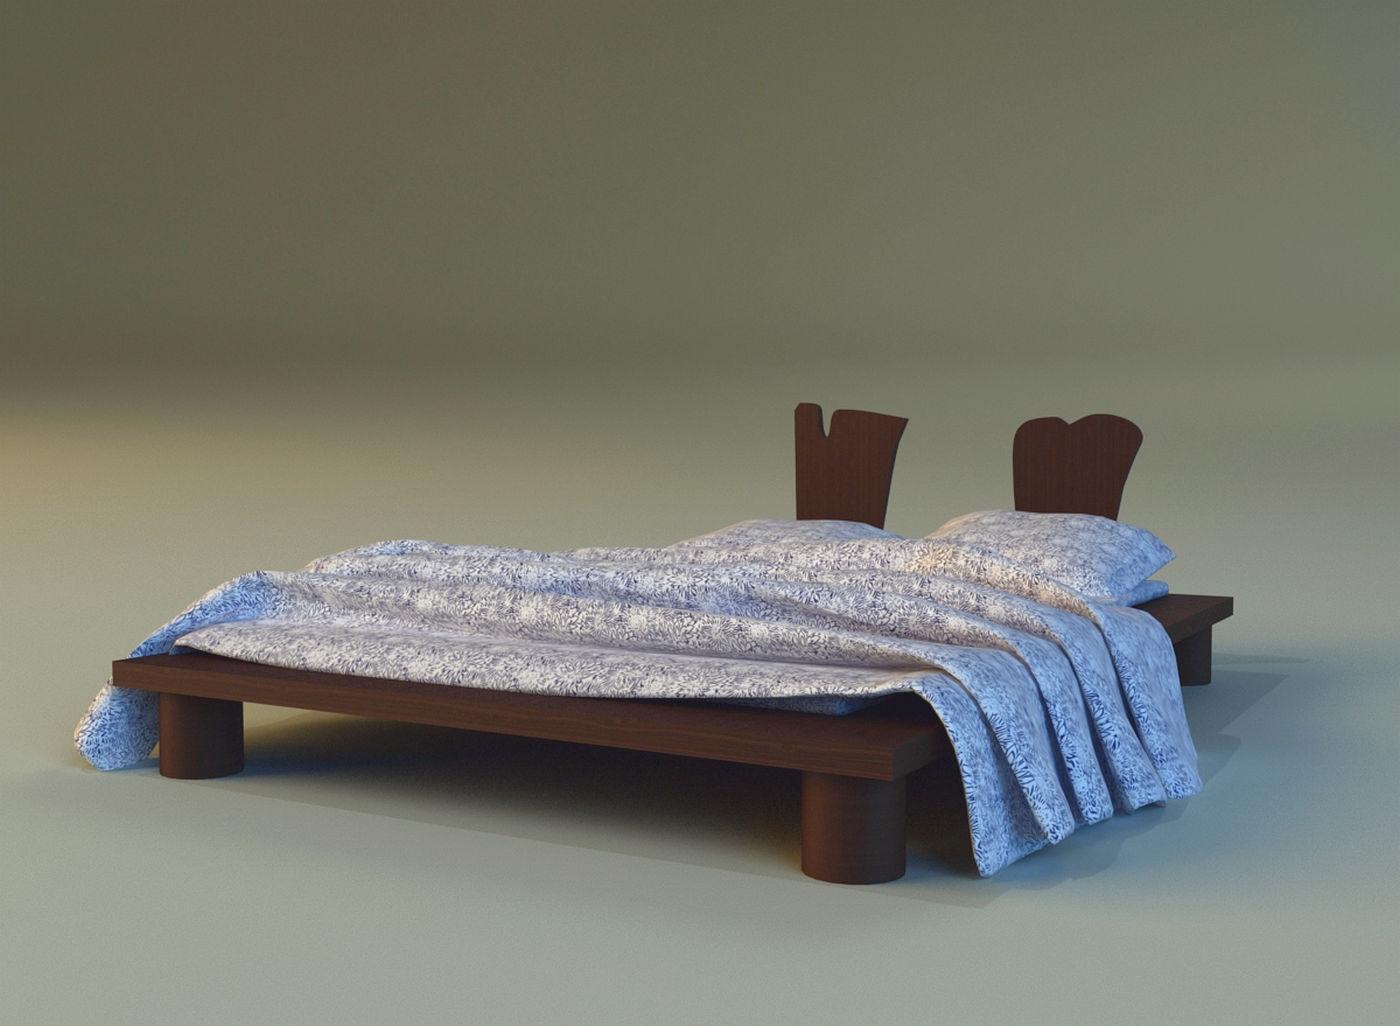 Bed chalets 3d model max obj 3ds fbx for 3ds max bed model